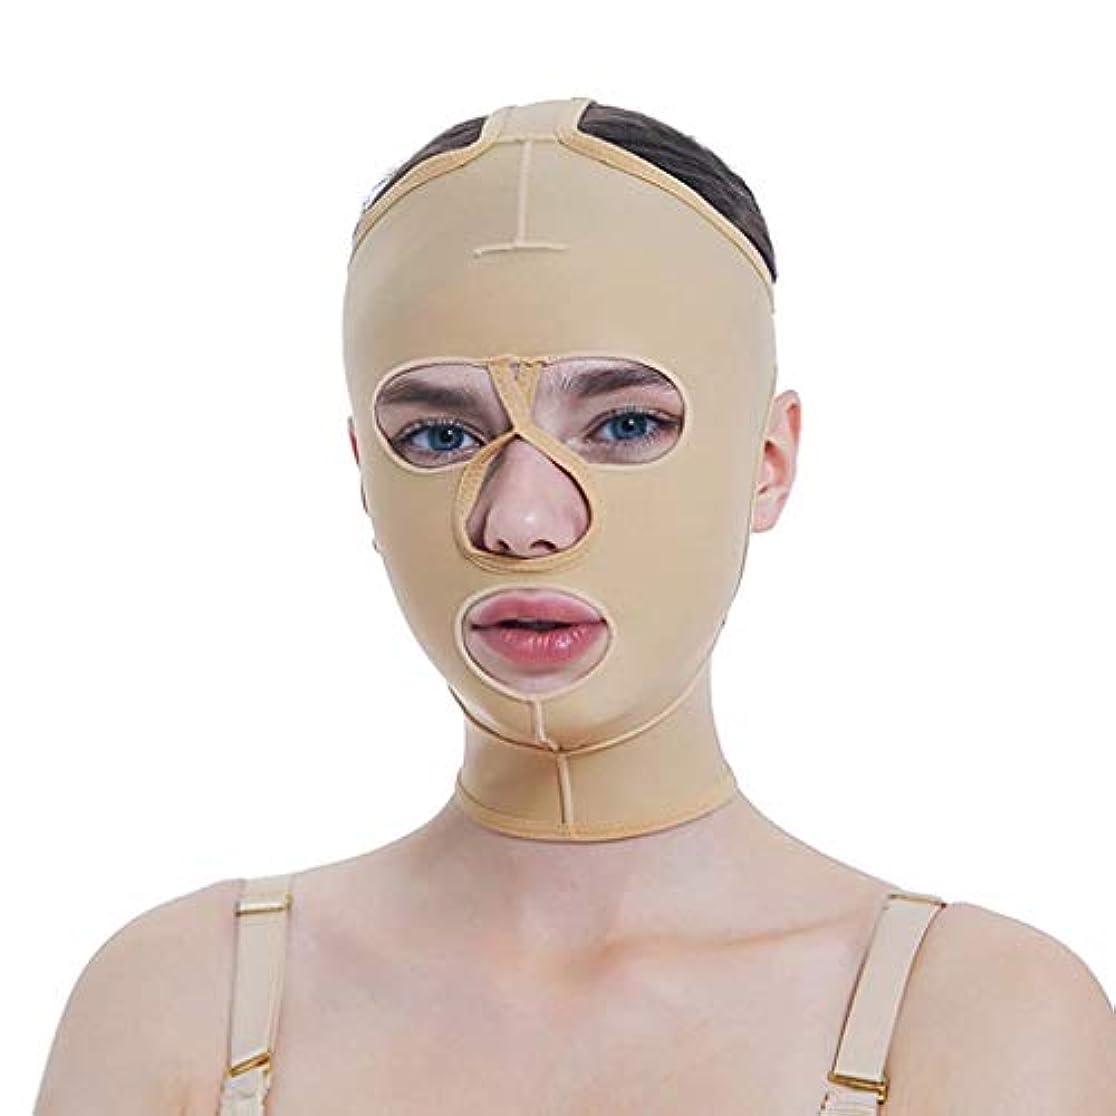 露出度の高い良さそれにもかかわらず脂肪吸引術用成形マスク、薄手かつらVフェイスビームフェイス弾性スリーブマルチサイズオプション(サイズ:S)